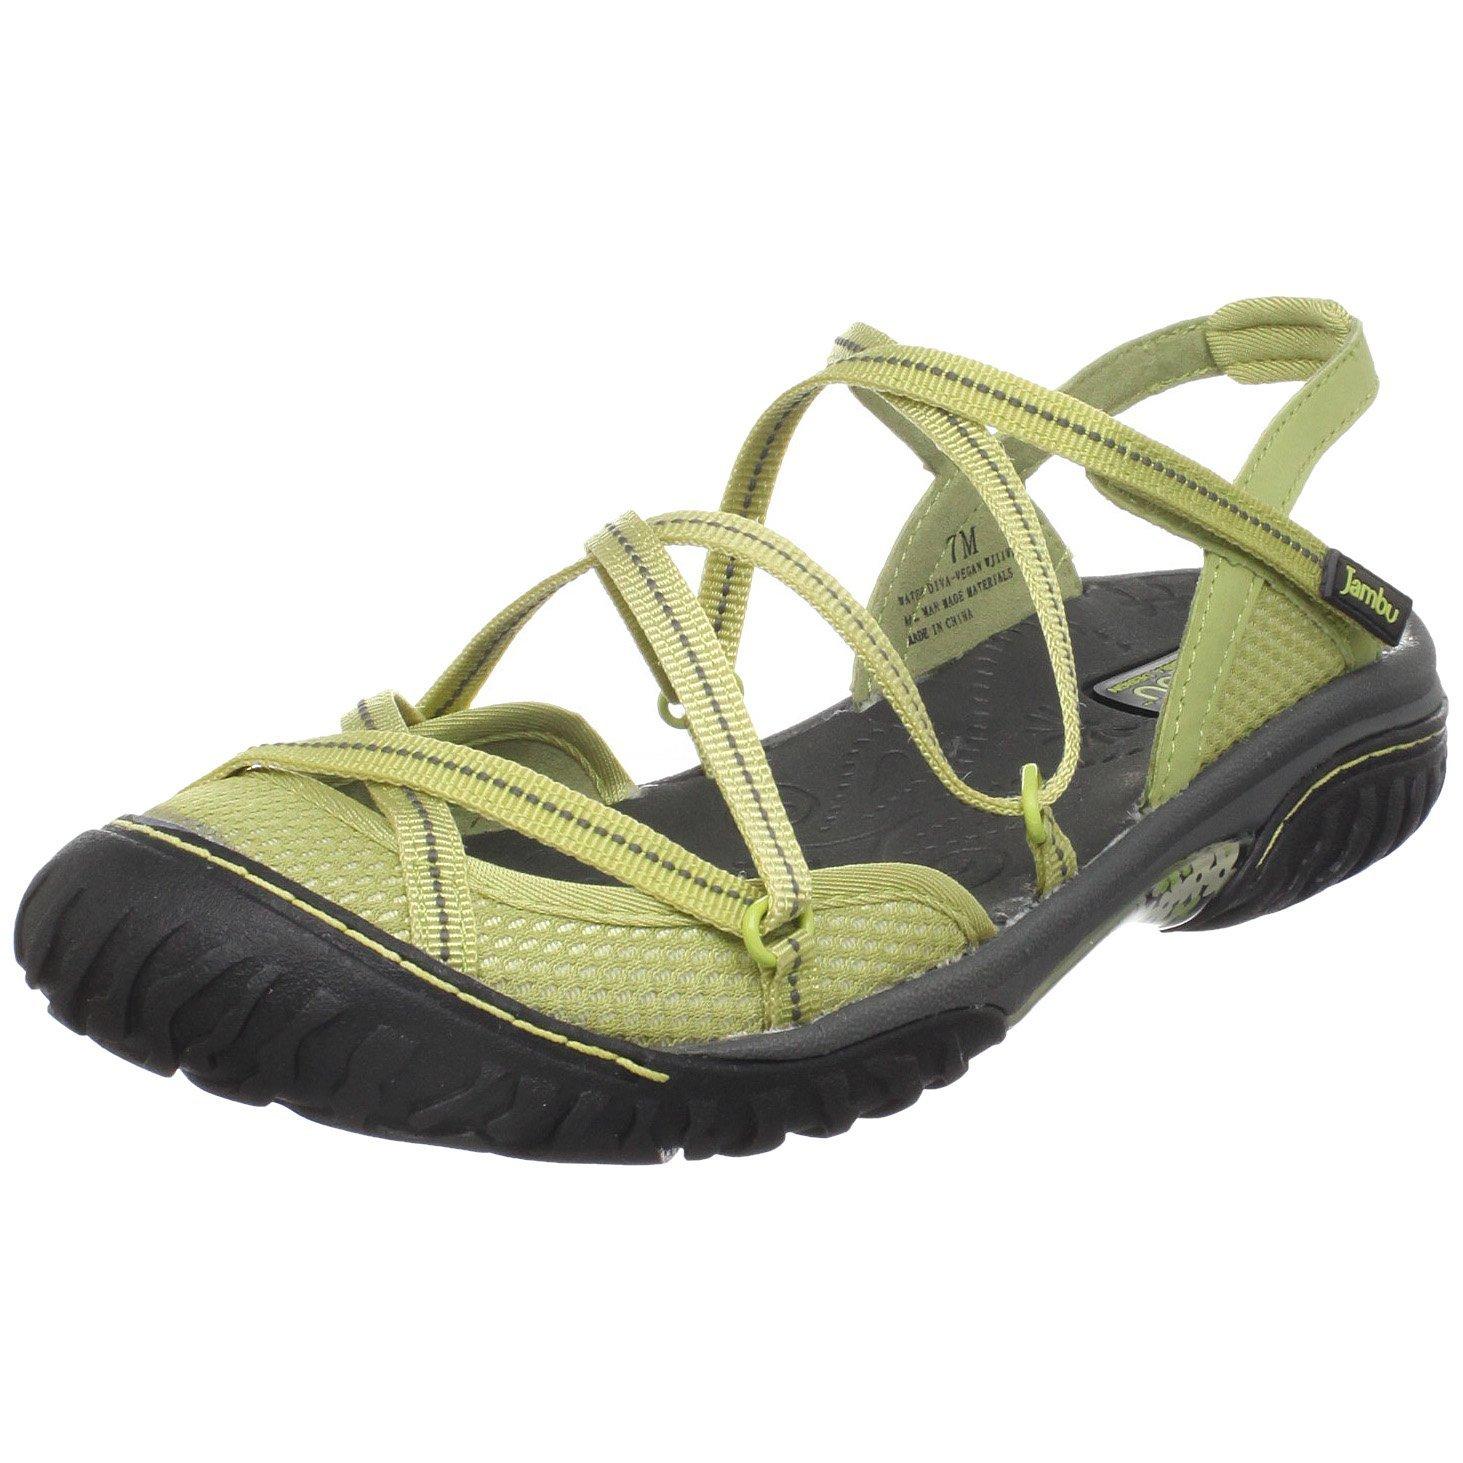 Lastest Clothes Shoes Amp Accessories Gt Women39s Shoes Gt Sandals Amp Be